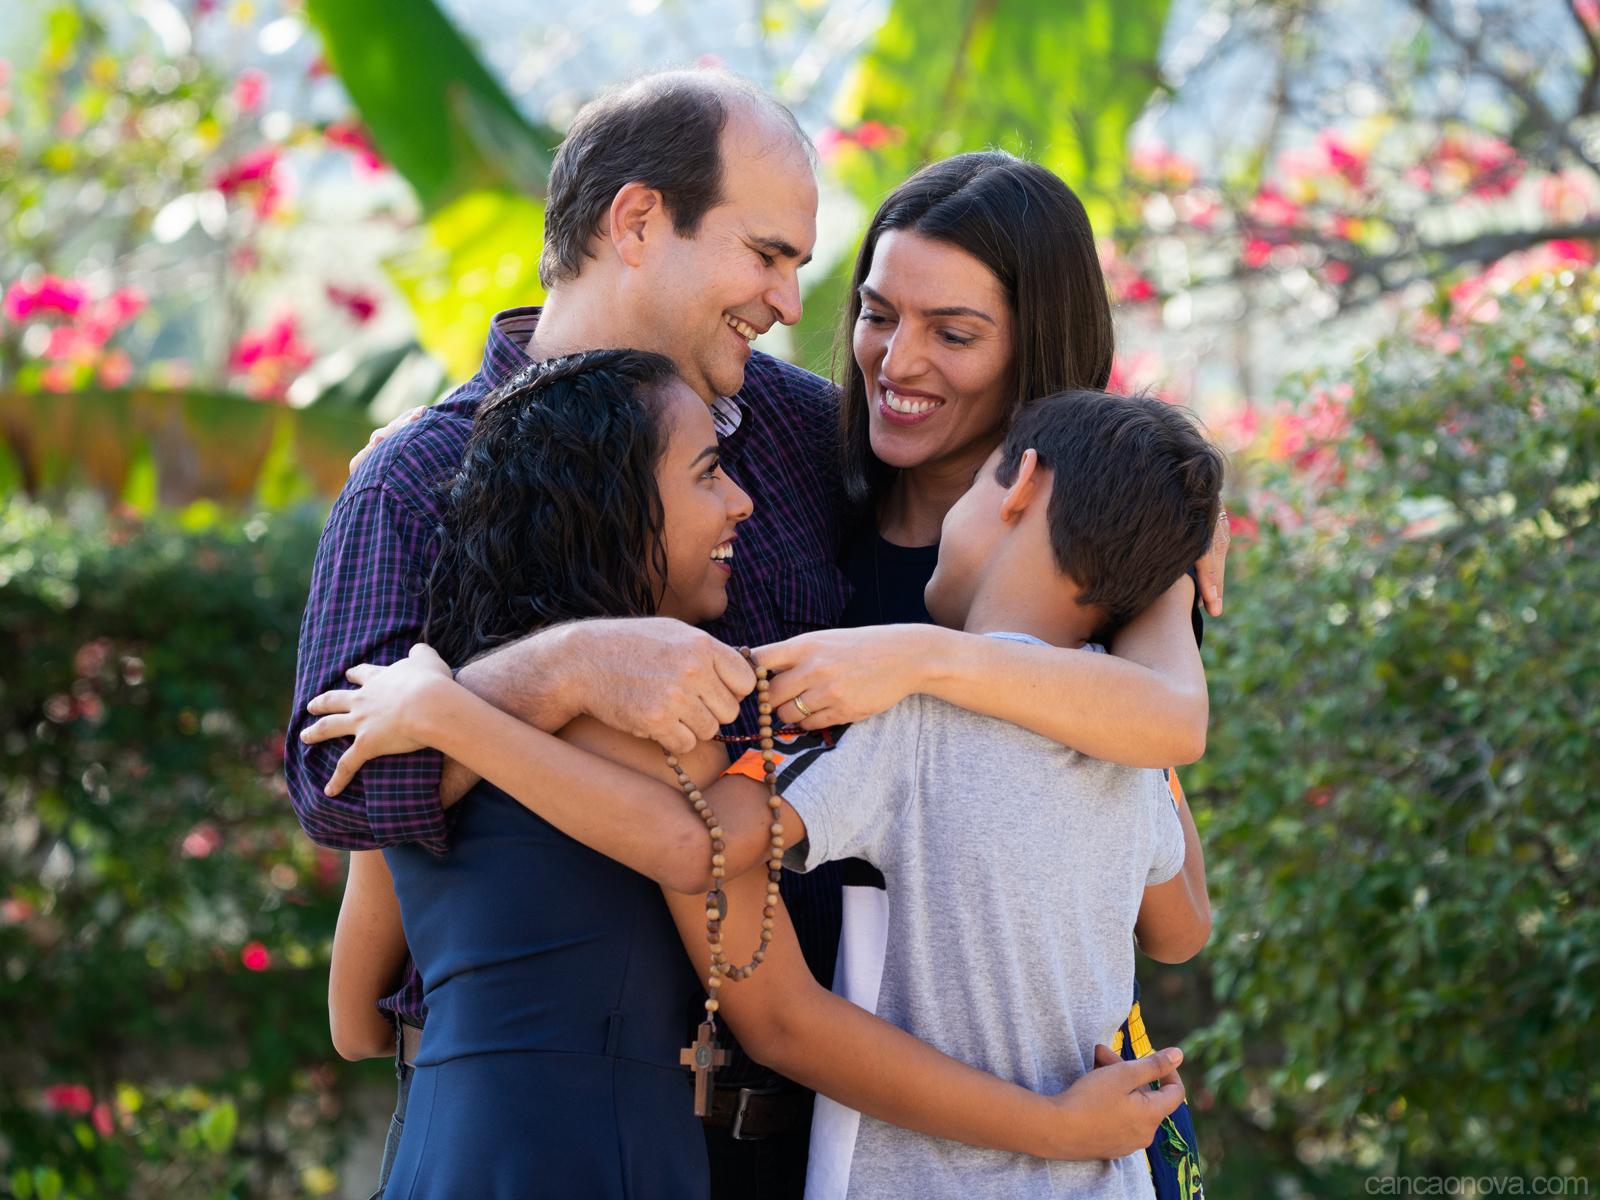 O exemplo da família ensina mais do que as lições